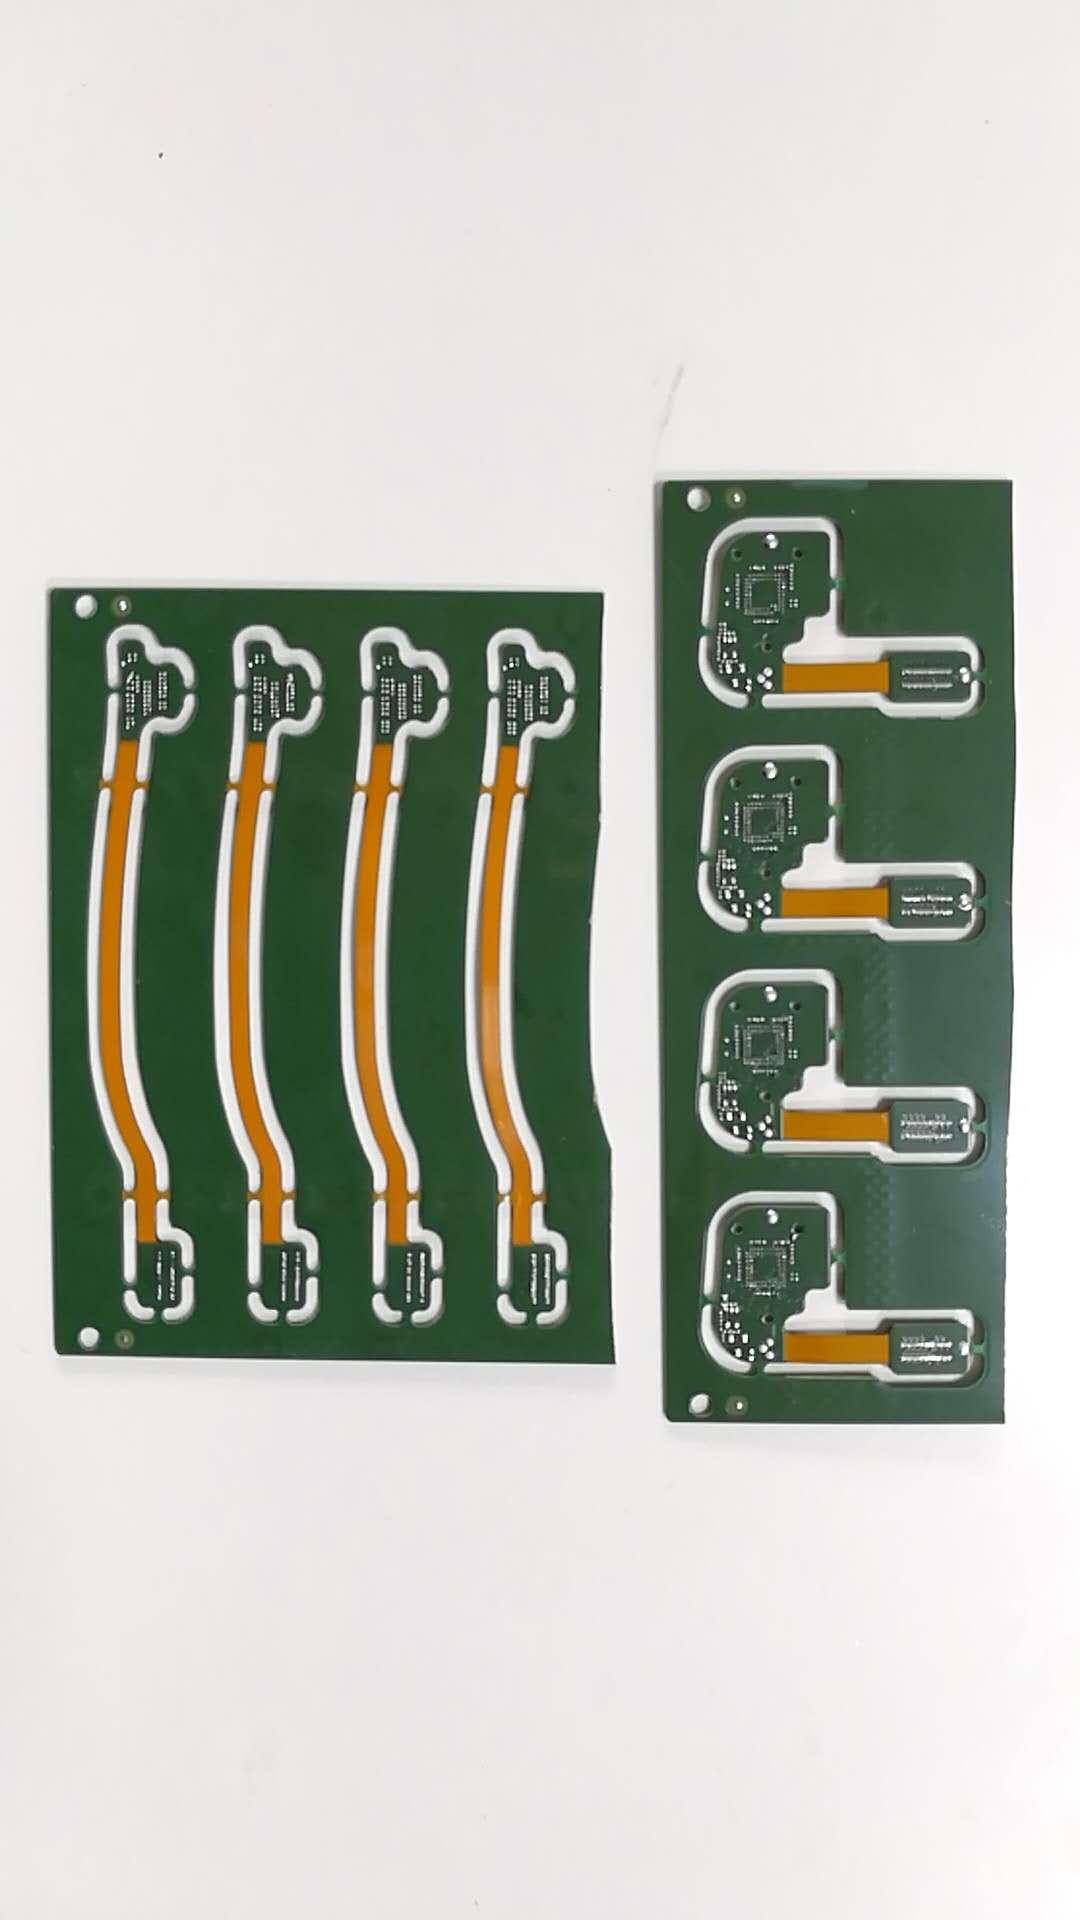 HDI PCB Board